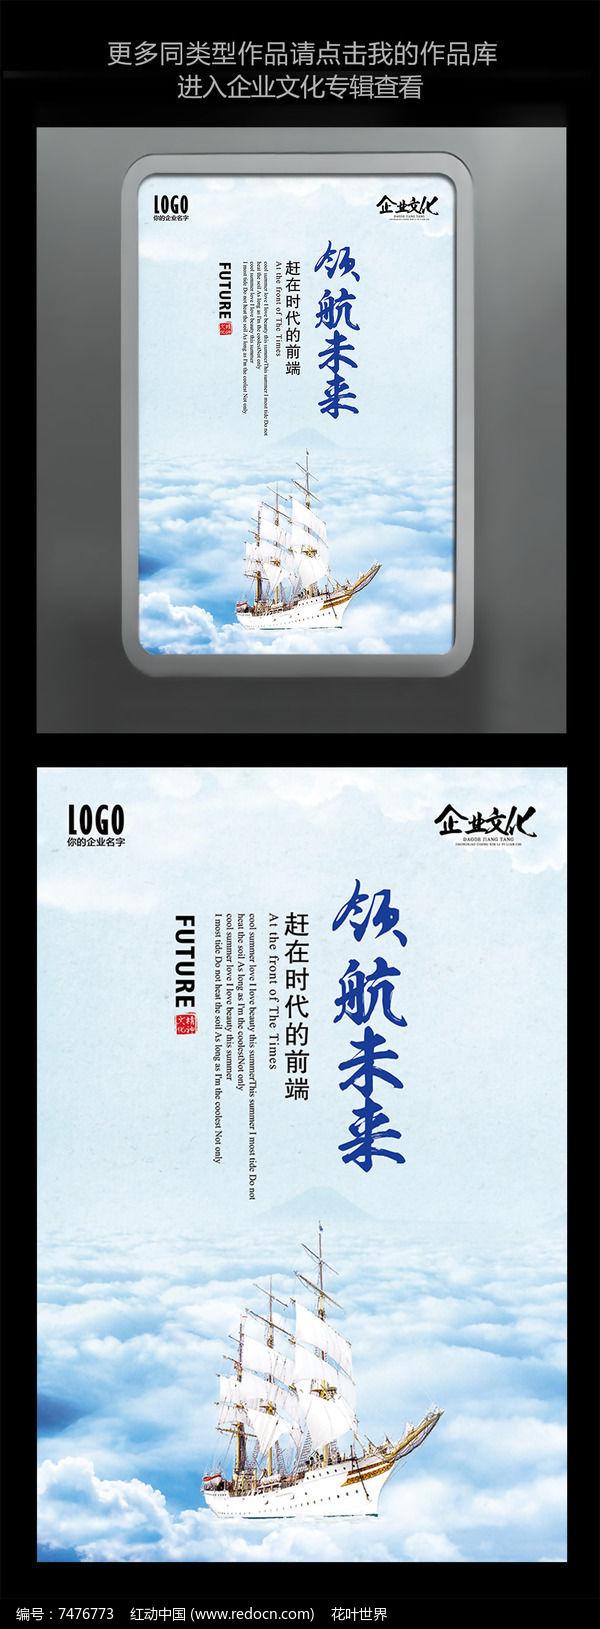 展板a展板蓝色天空门洞厨房素材精品PSD领航文化企业传菜口设计图图片